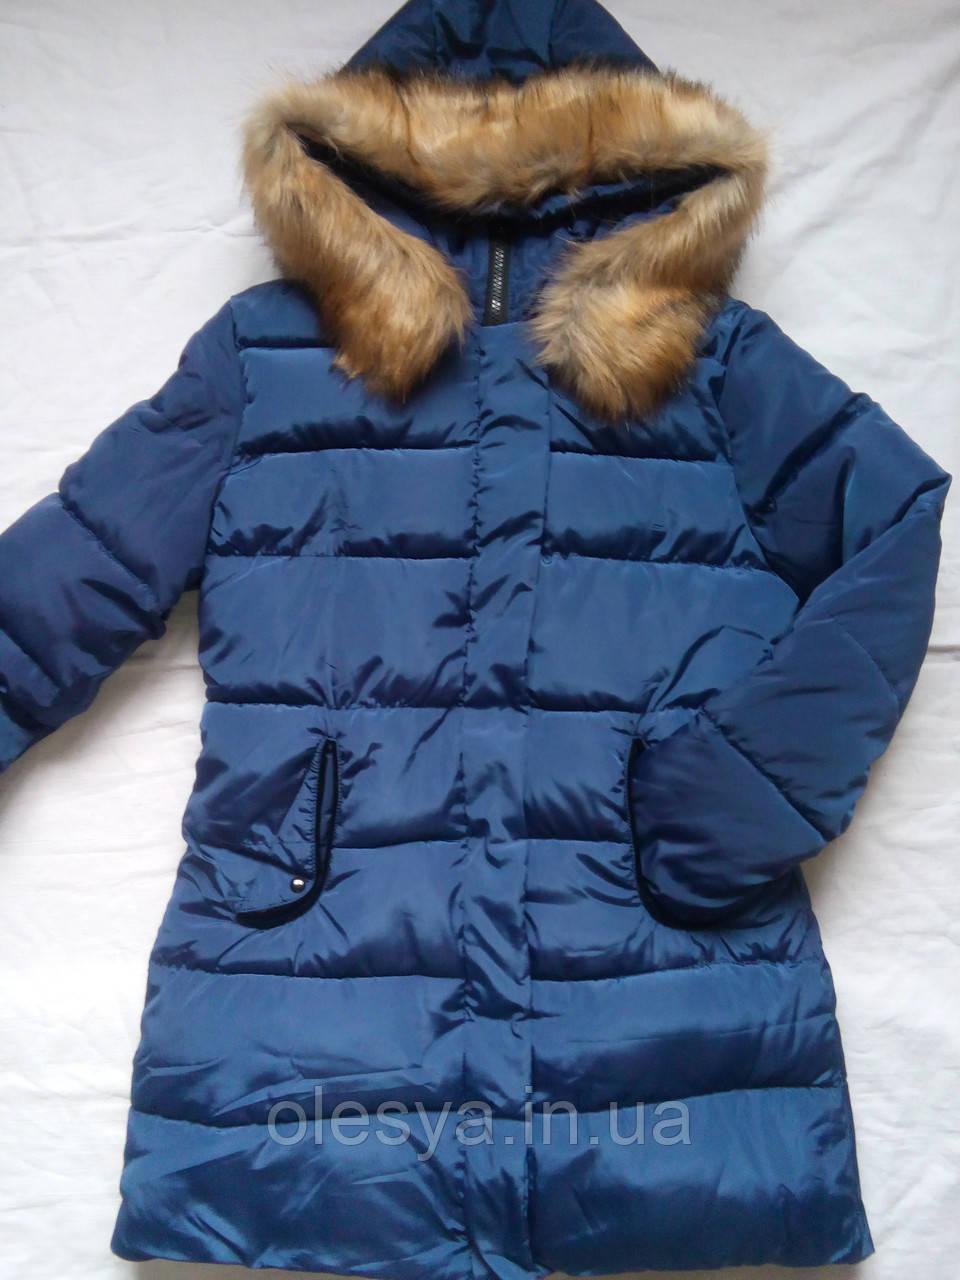 Тепла зимова куртка на дівчинку підлітка Розмір 44-46